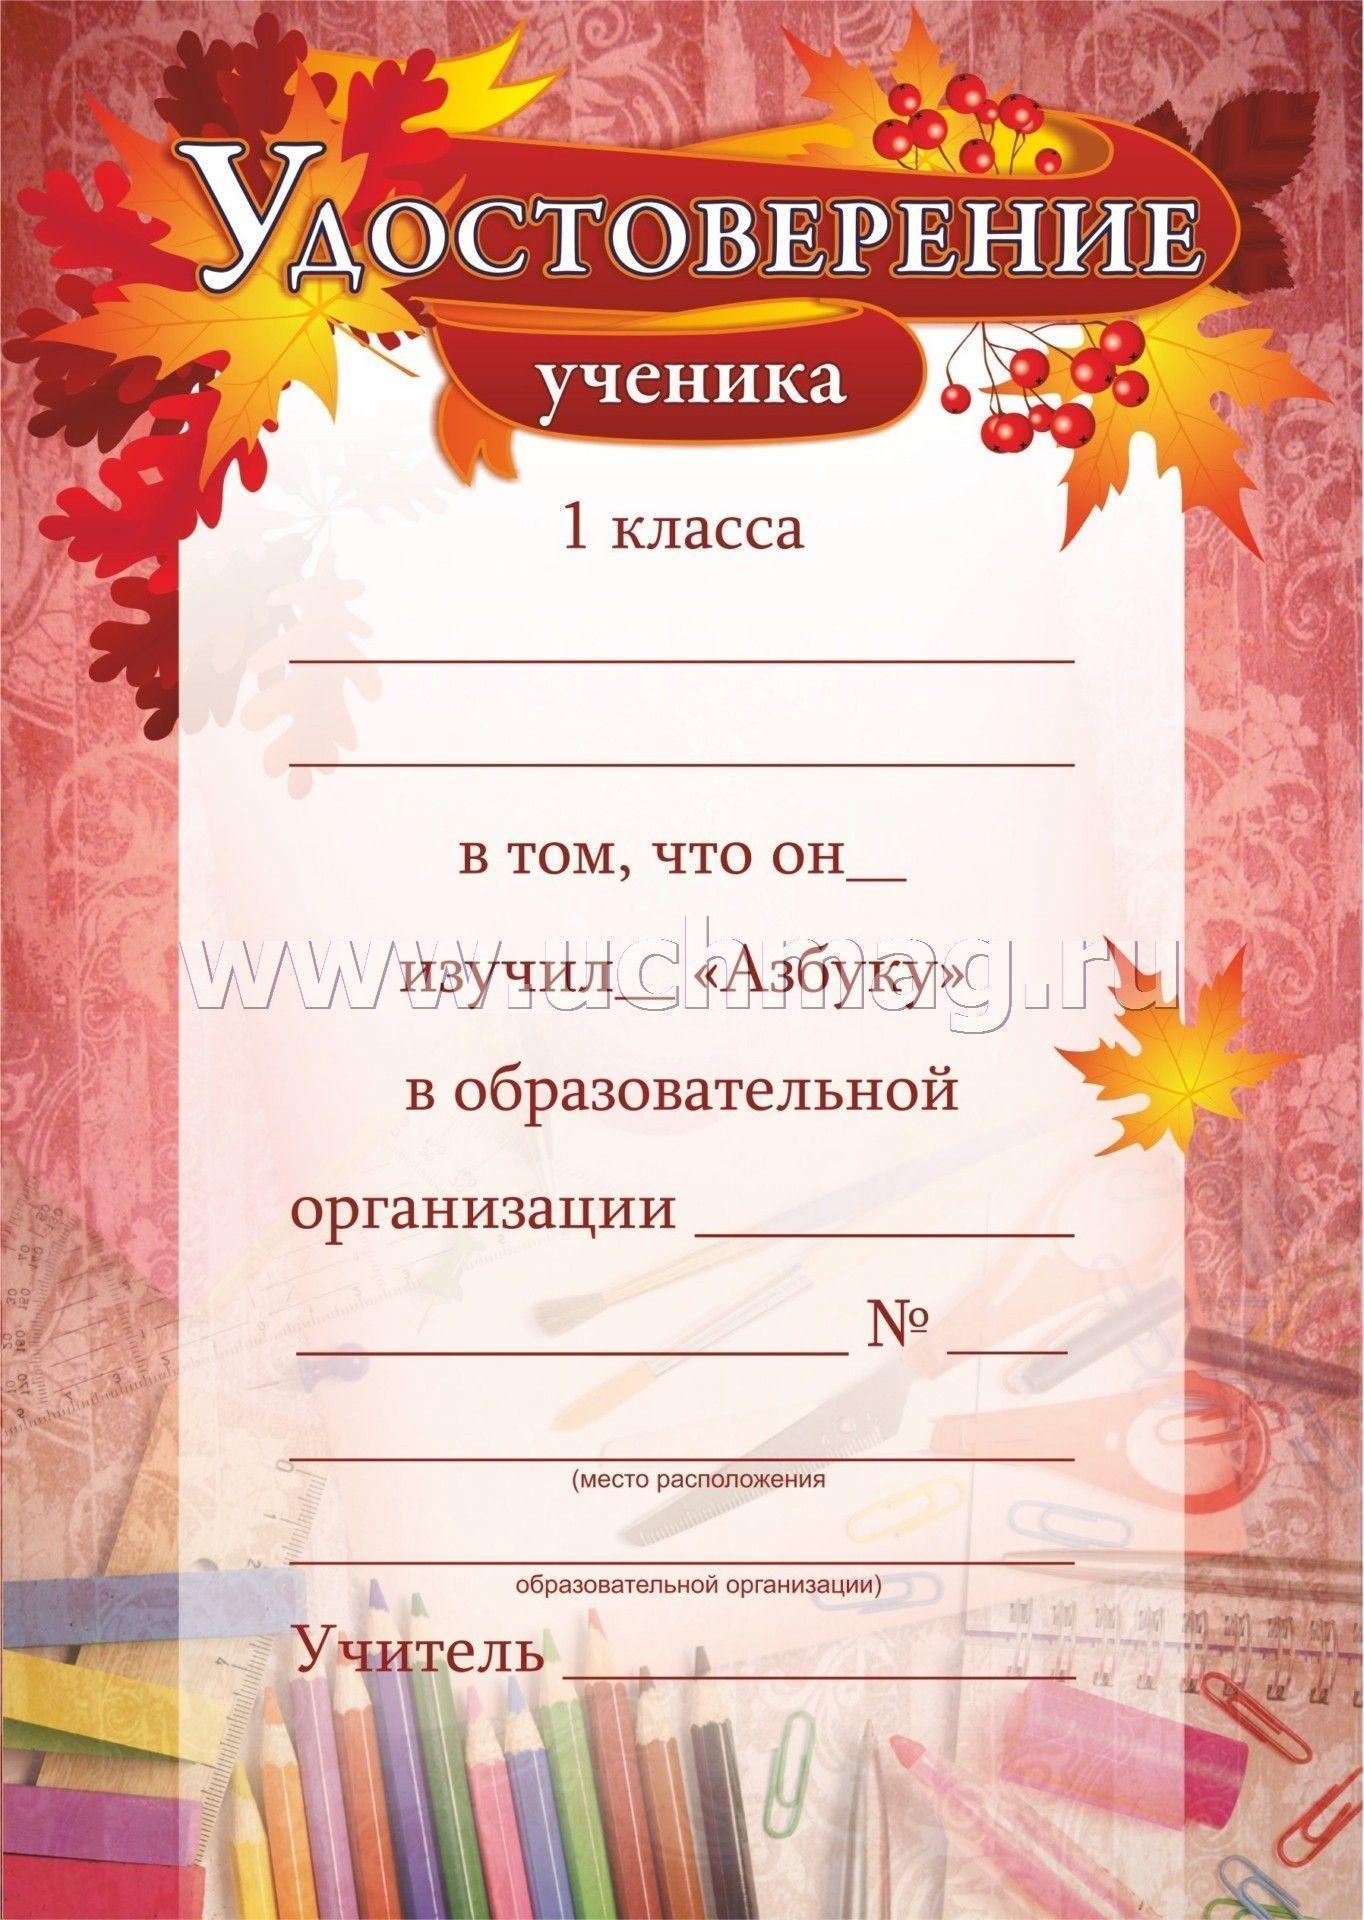 Удостоверение ученика класса об изучении Азбуки купить по  Удостоверение ученика 1 класса об изучении Азбуки